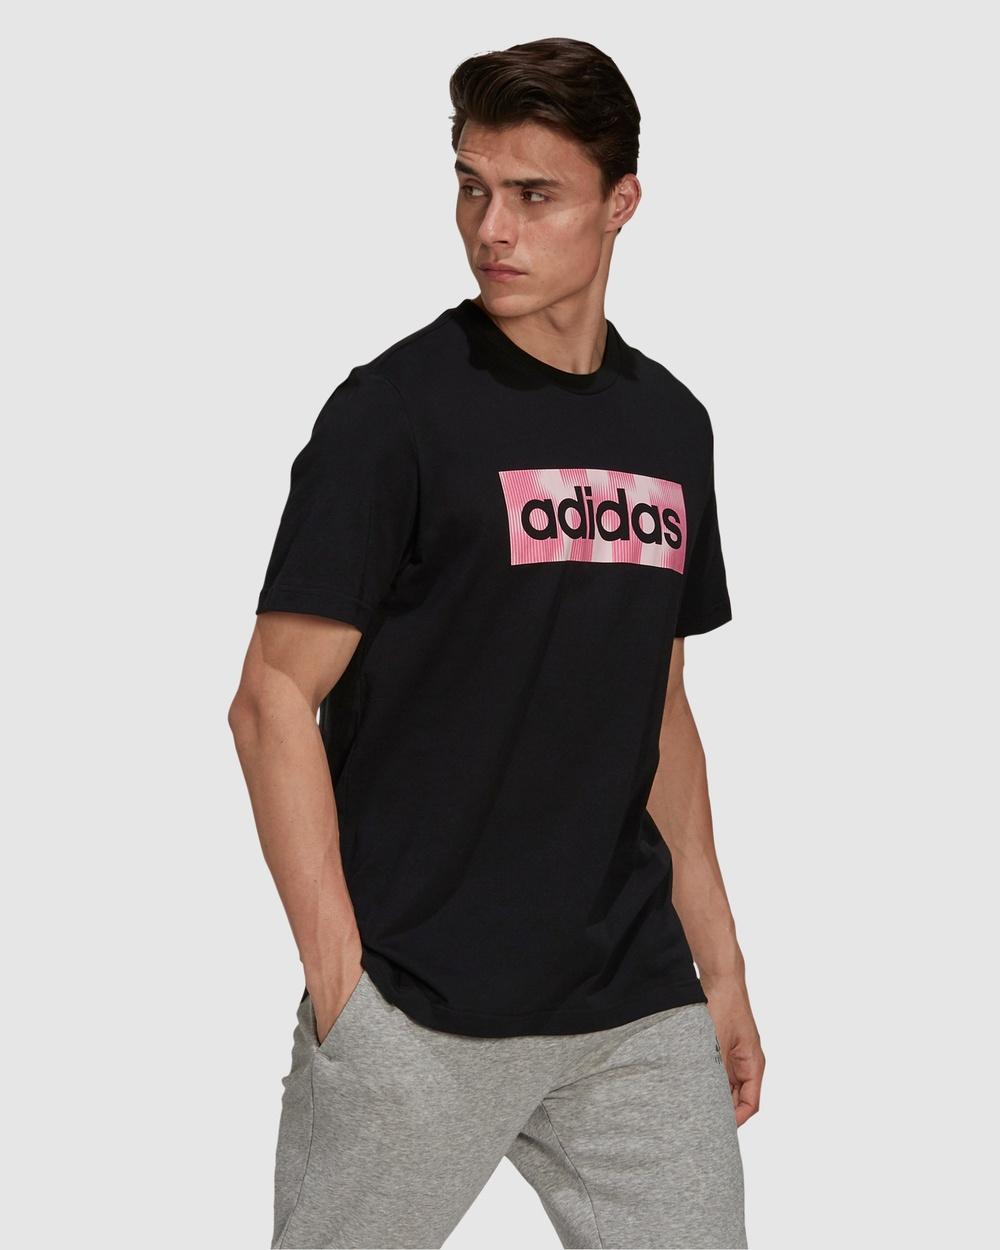 adidas Performance Box Logo Graphic Tee T-Shirts & Singlets Black